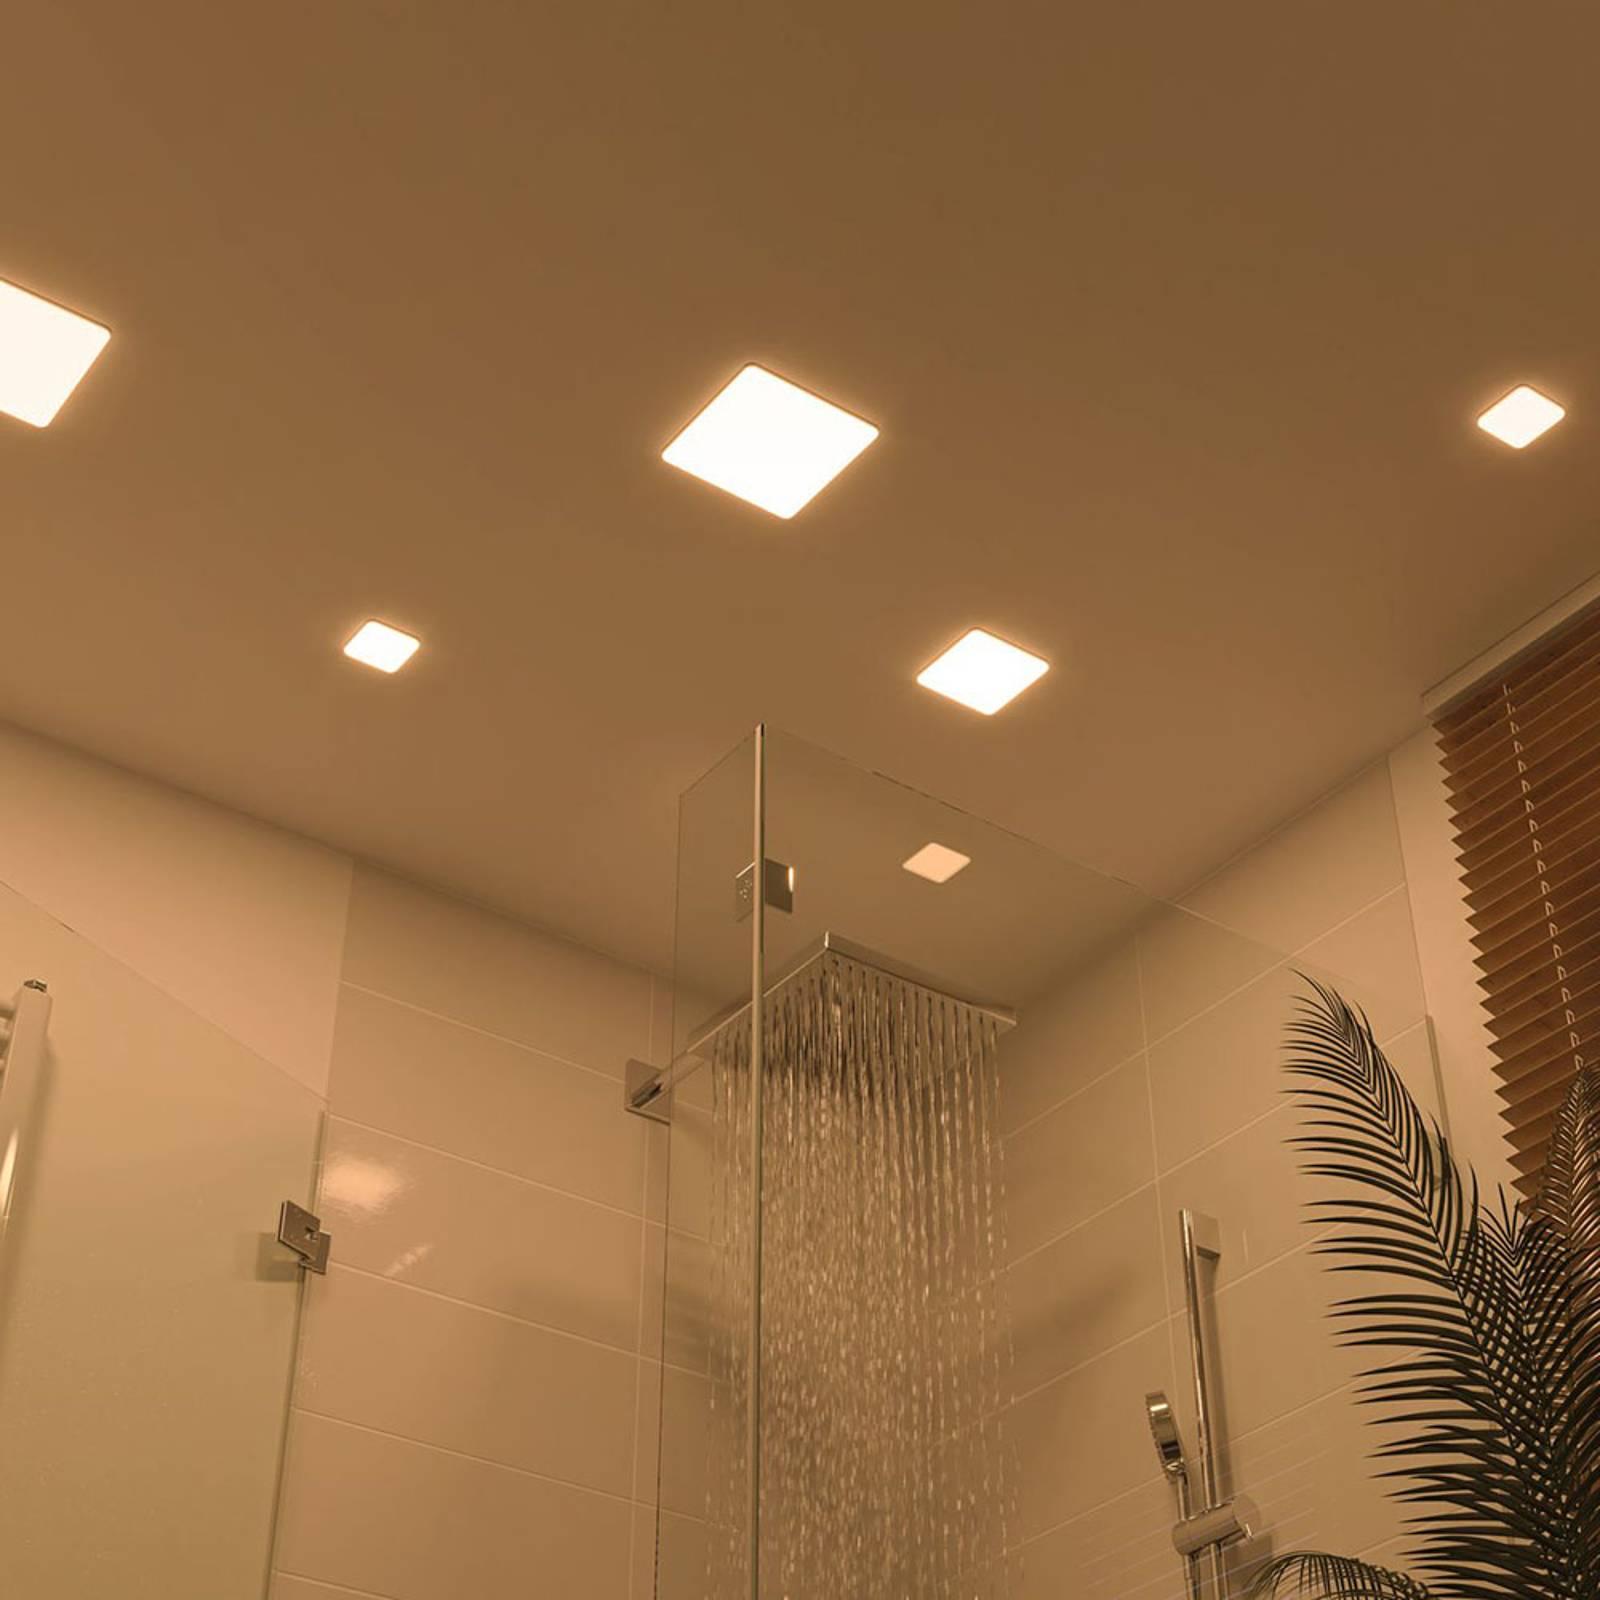 Paulmann-LED-paneeli Veluna 3 000 K, 18,5 cm